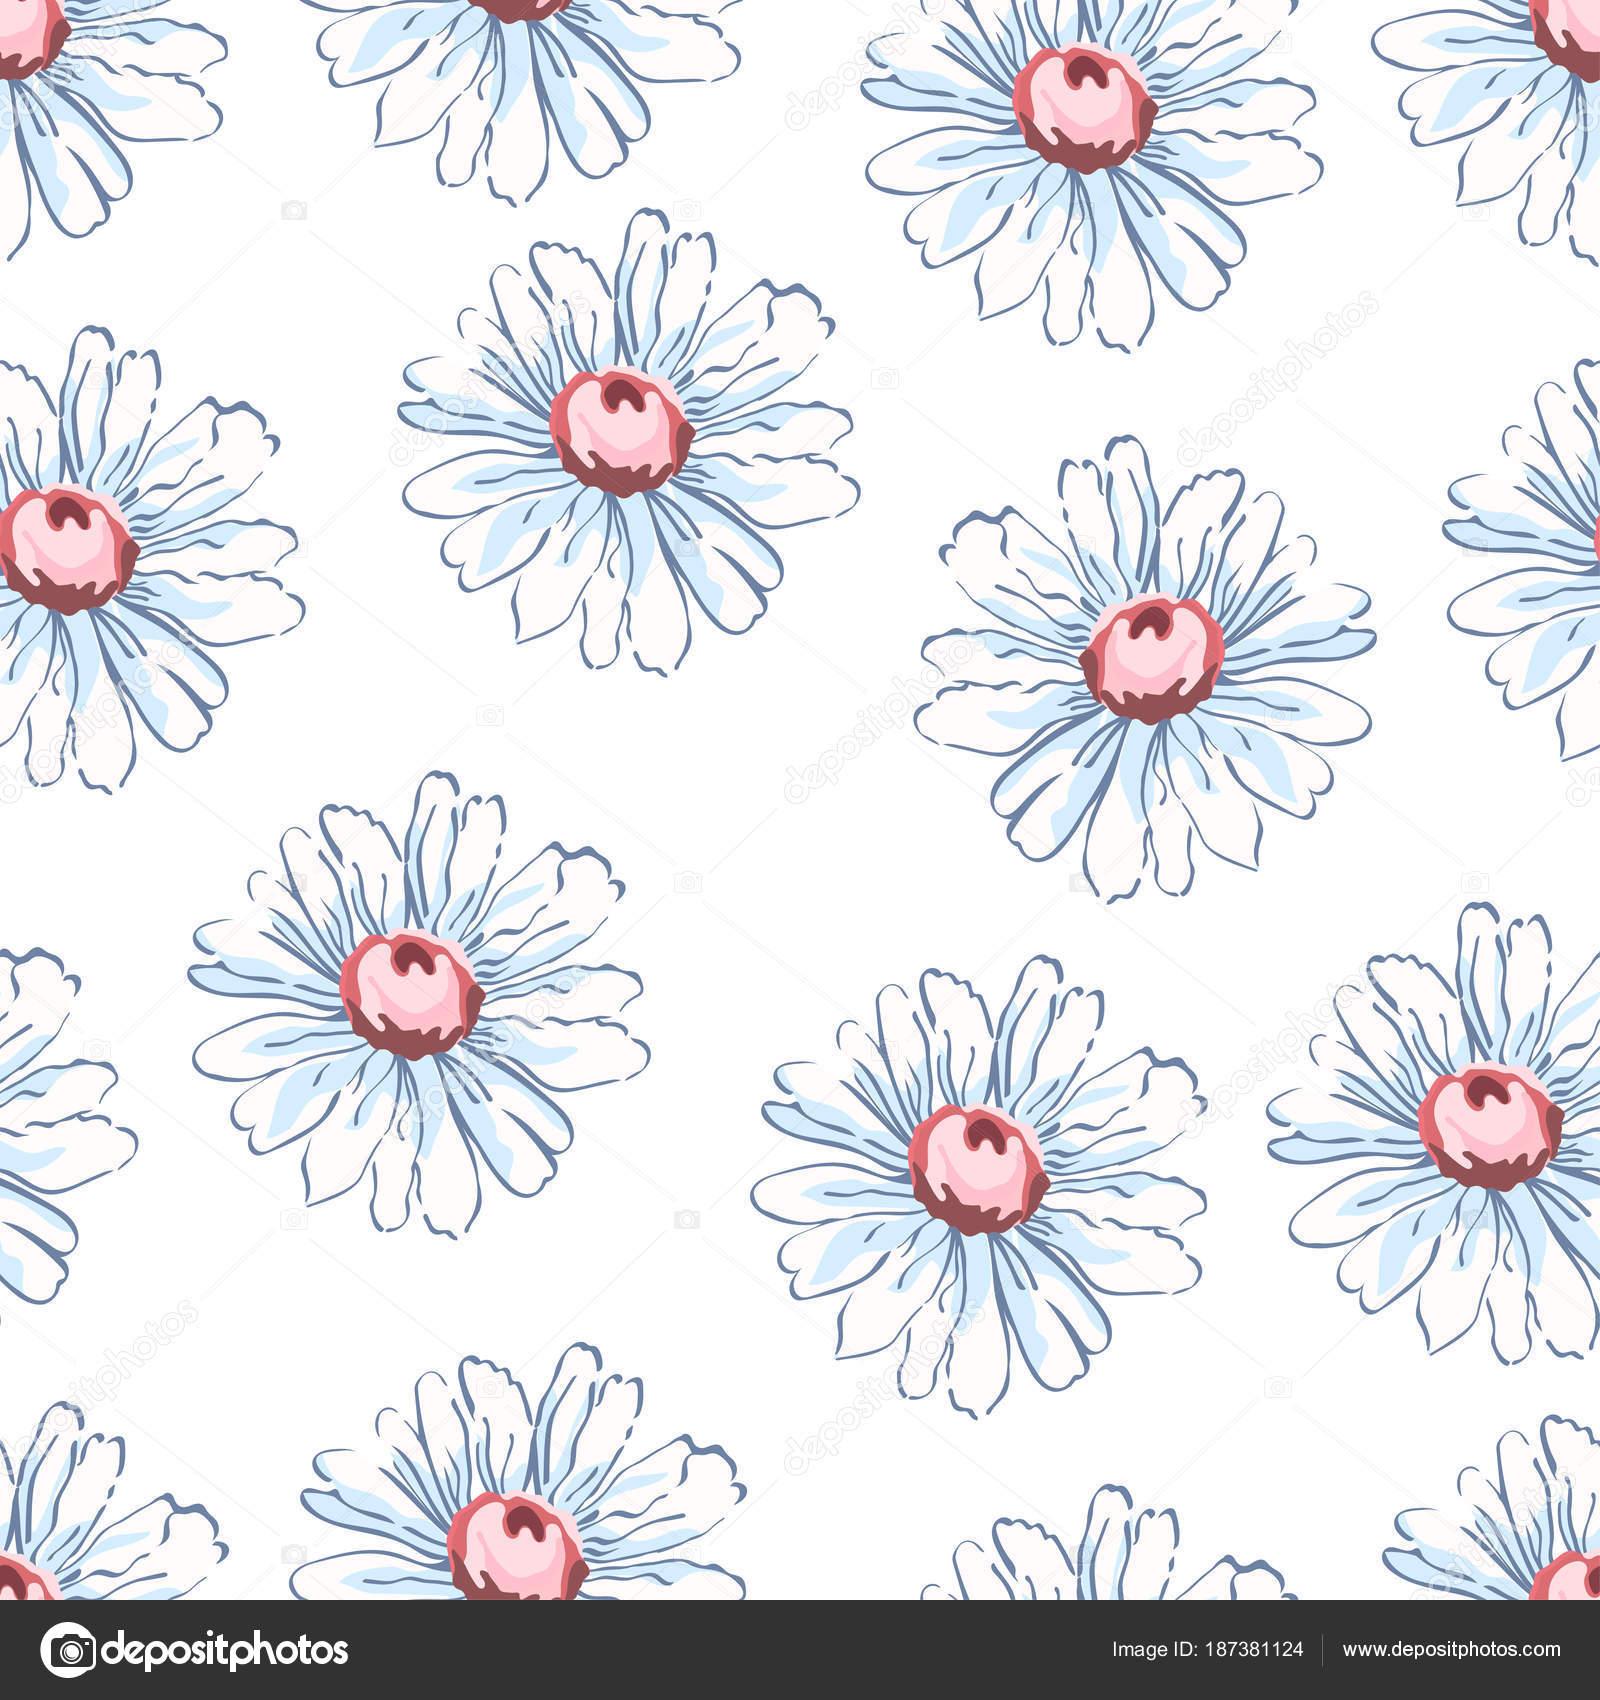 Fondos para decorar un dibujo | Manzanilla flor dibujo de patrones ...